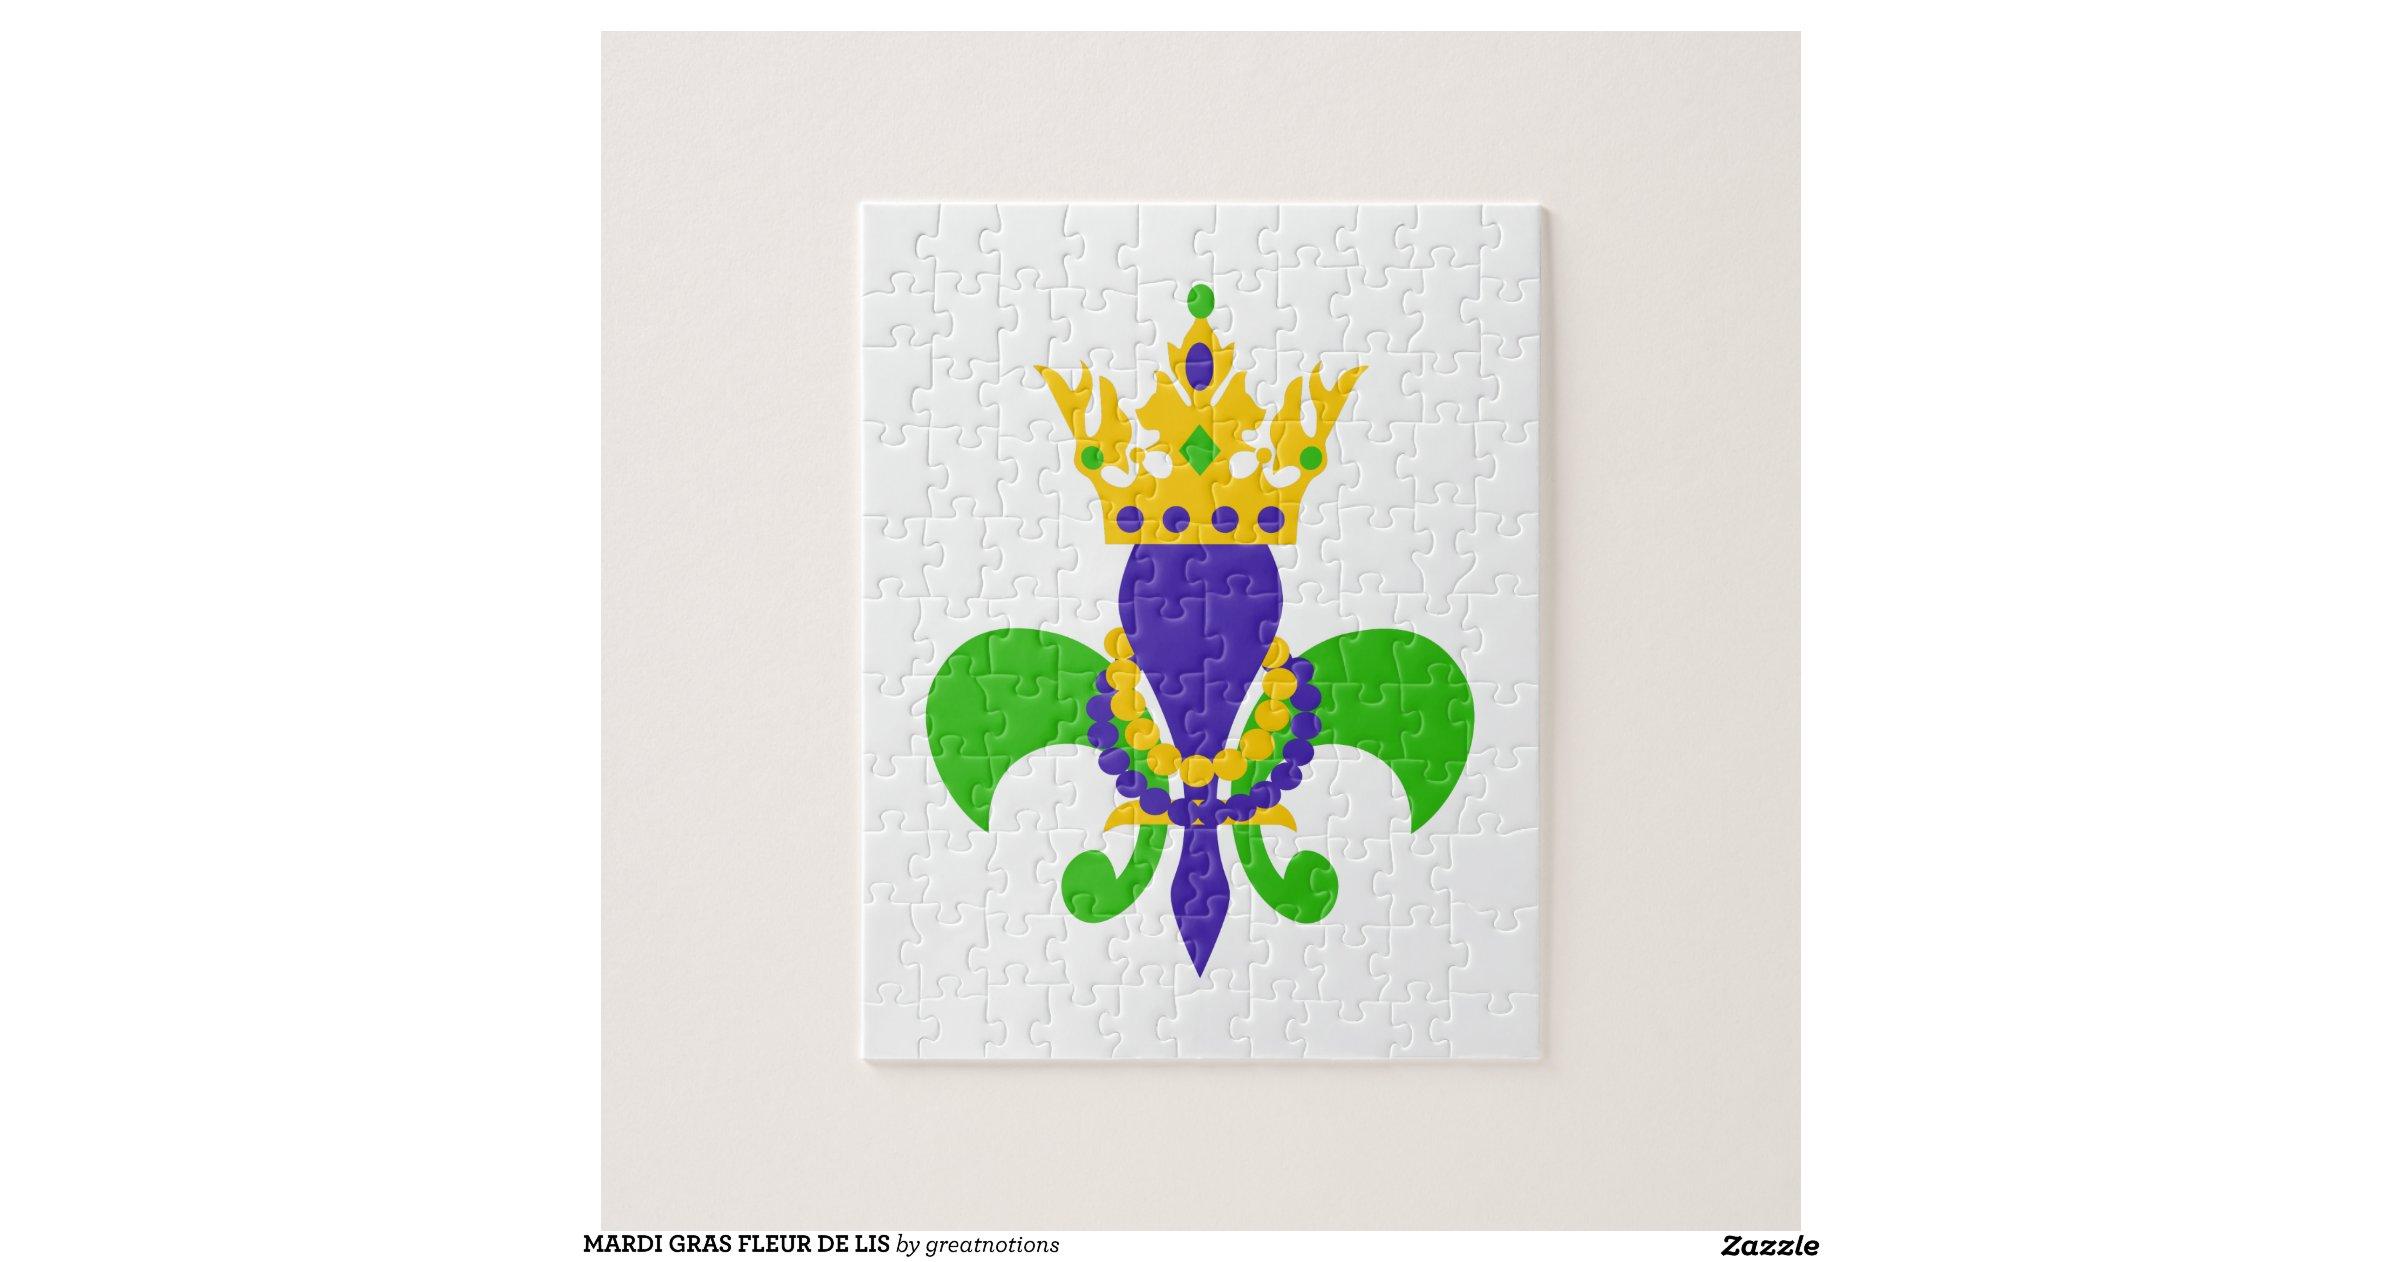 mardi_gras_fleur_de_lis_puzzle-r0a0b76c6df0a4e06913405fbcdb614cb_ambtl ...